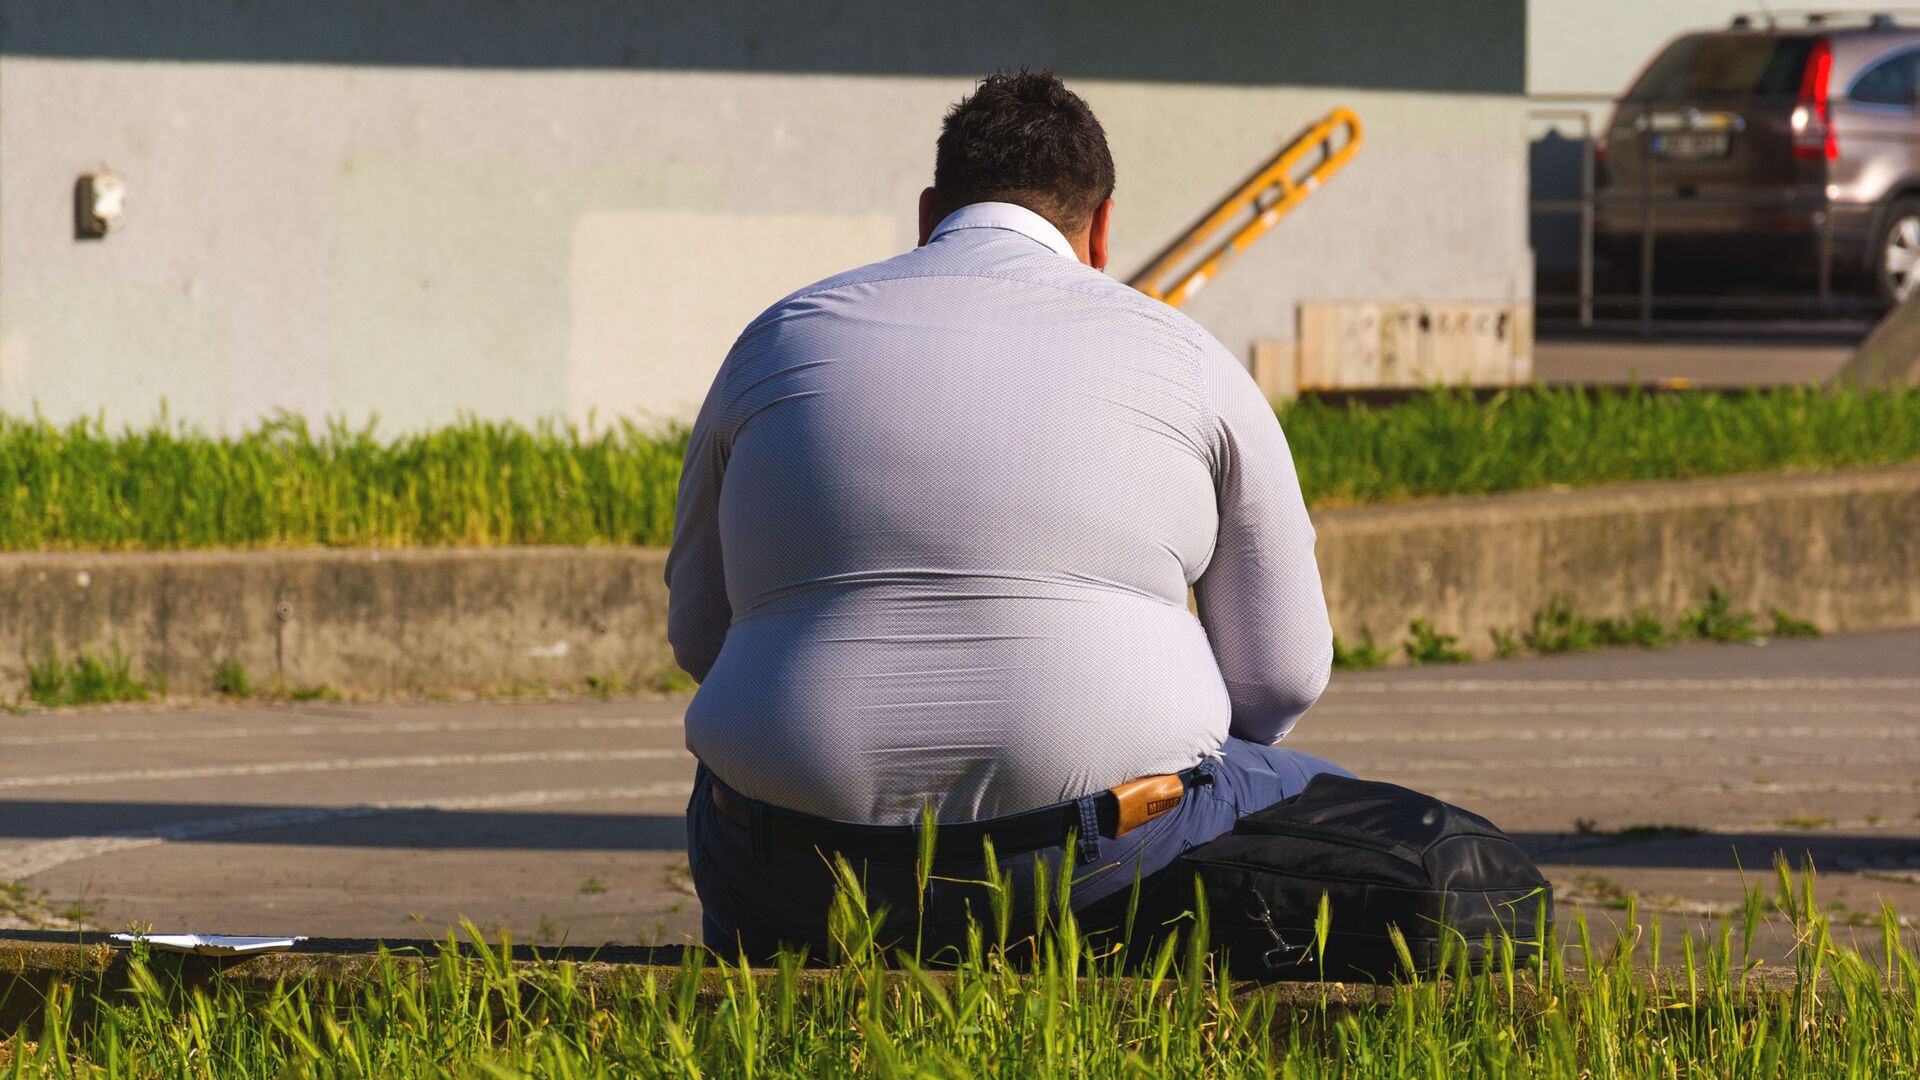 Παχύσαρκος άντρας - Sputnik Ελλάδα, 1920, 06.10.2021